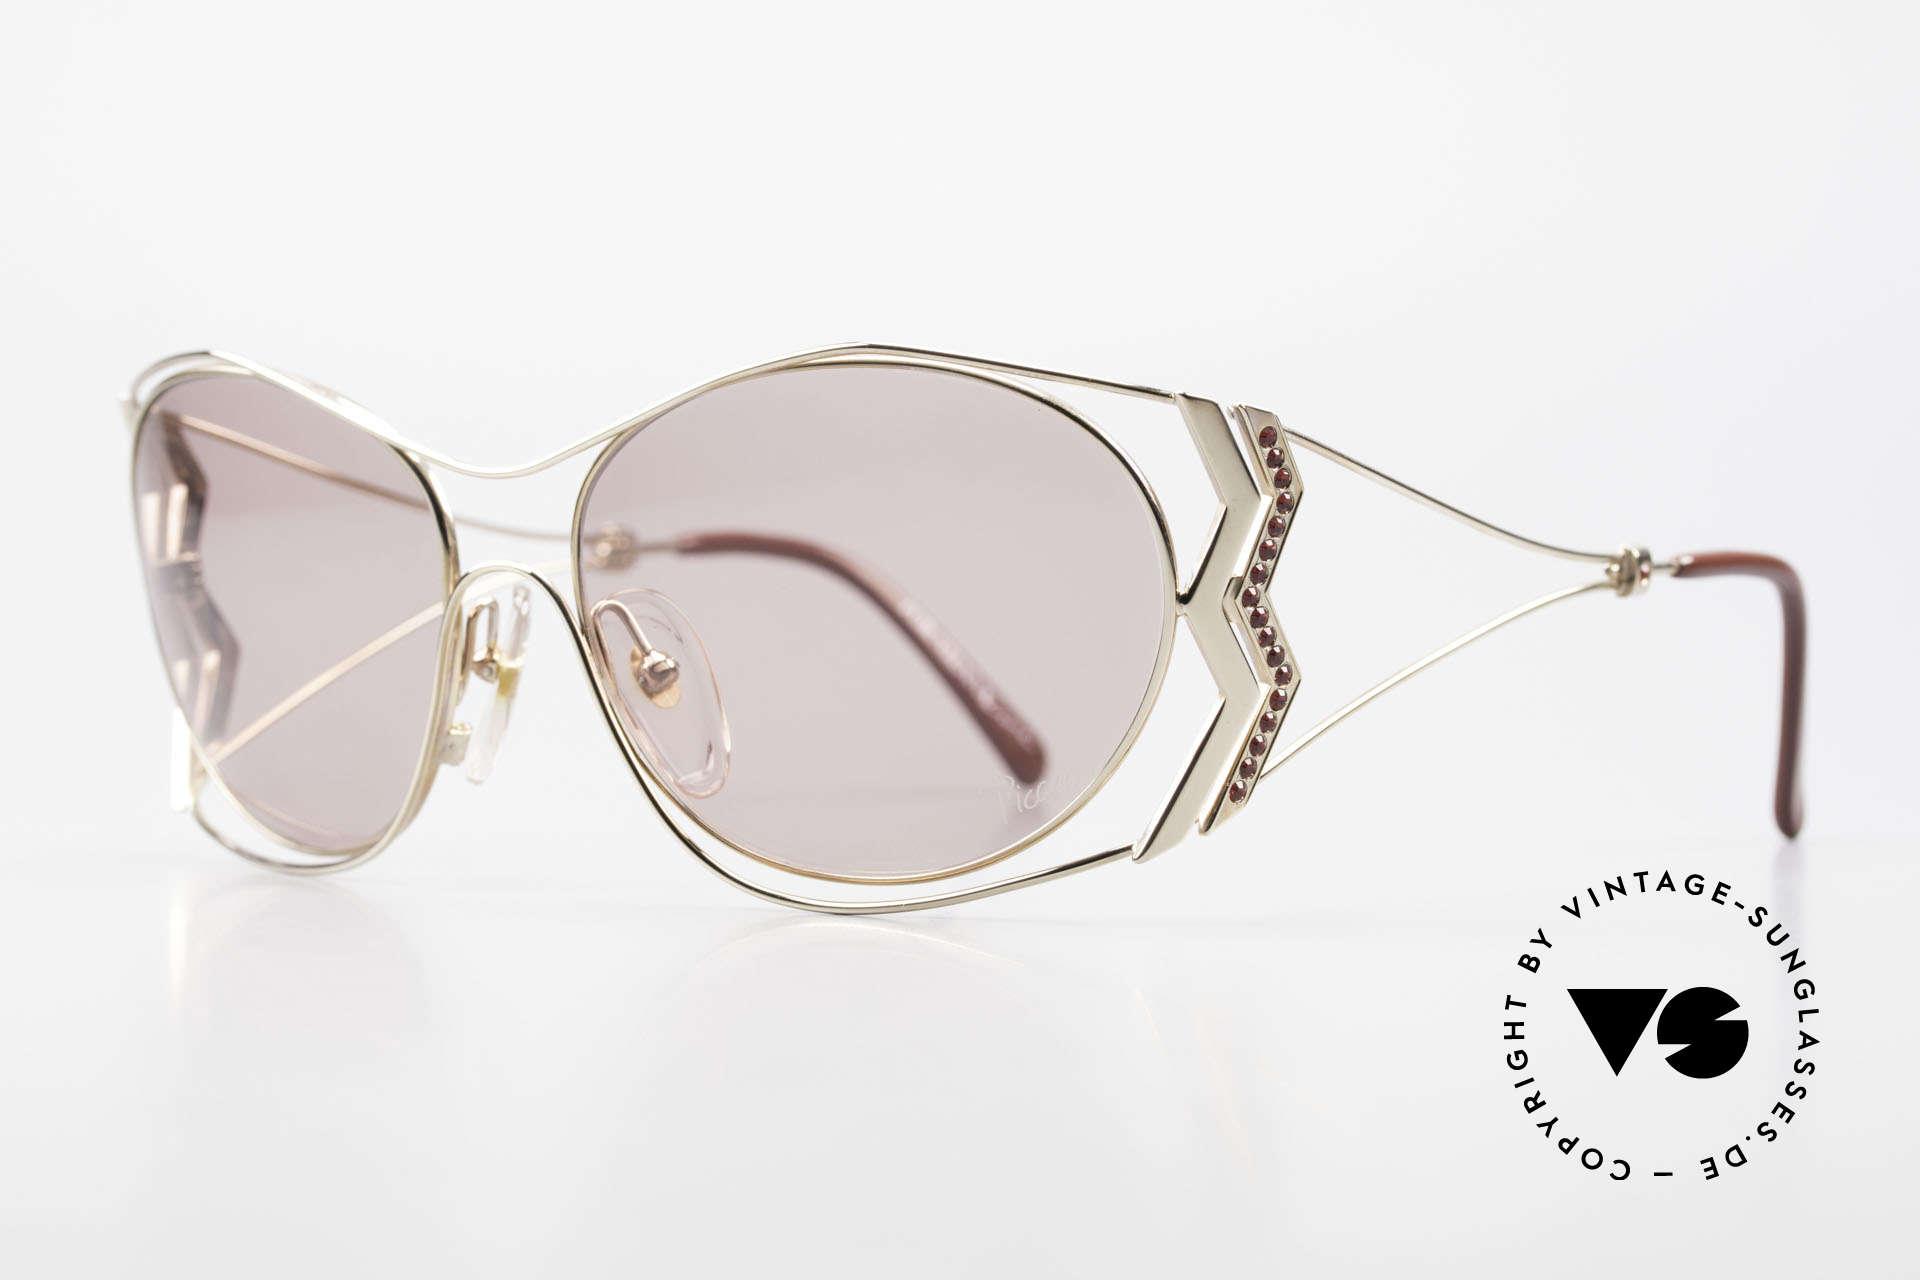 Paloma Picasso 3707 90er Sonnenbrille Mit Strass, das wahrscheinlich schönste Modell von Paloma P., Passend für Damen